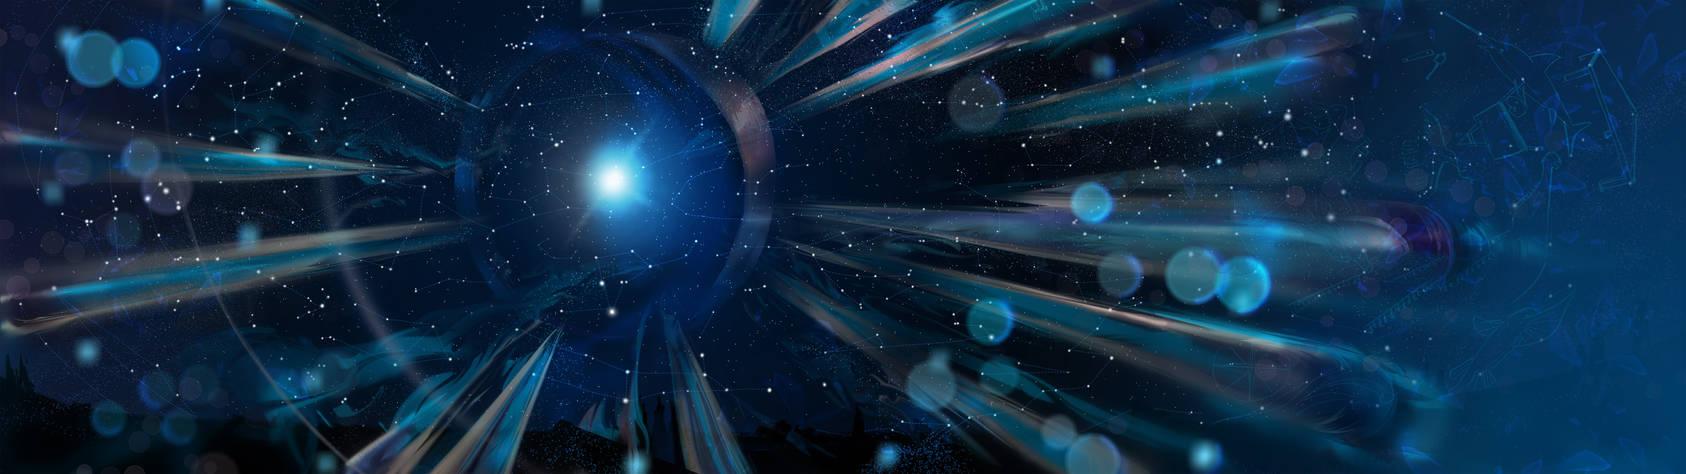 Supernova 4k